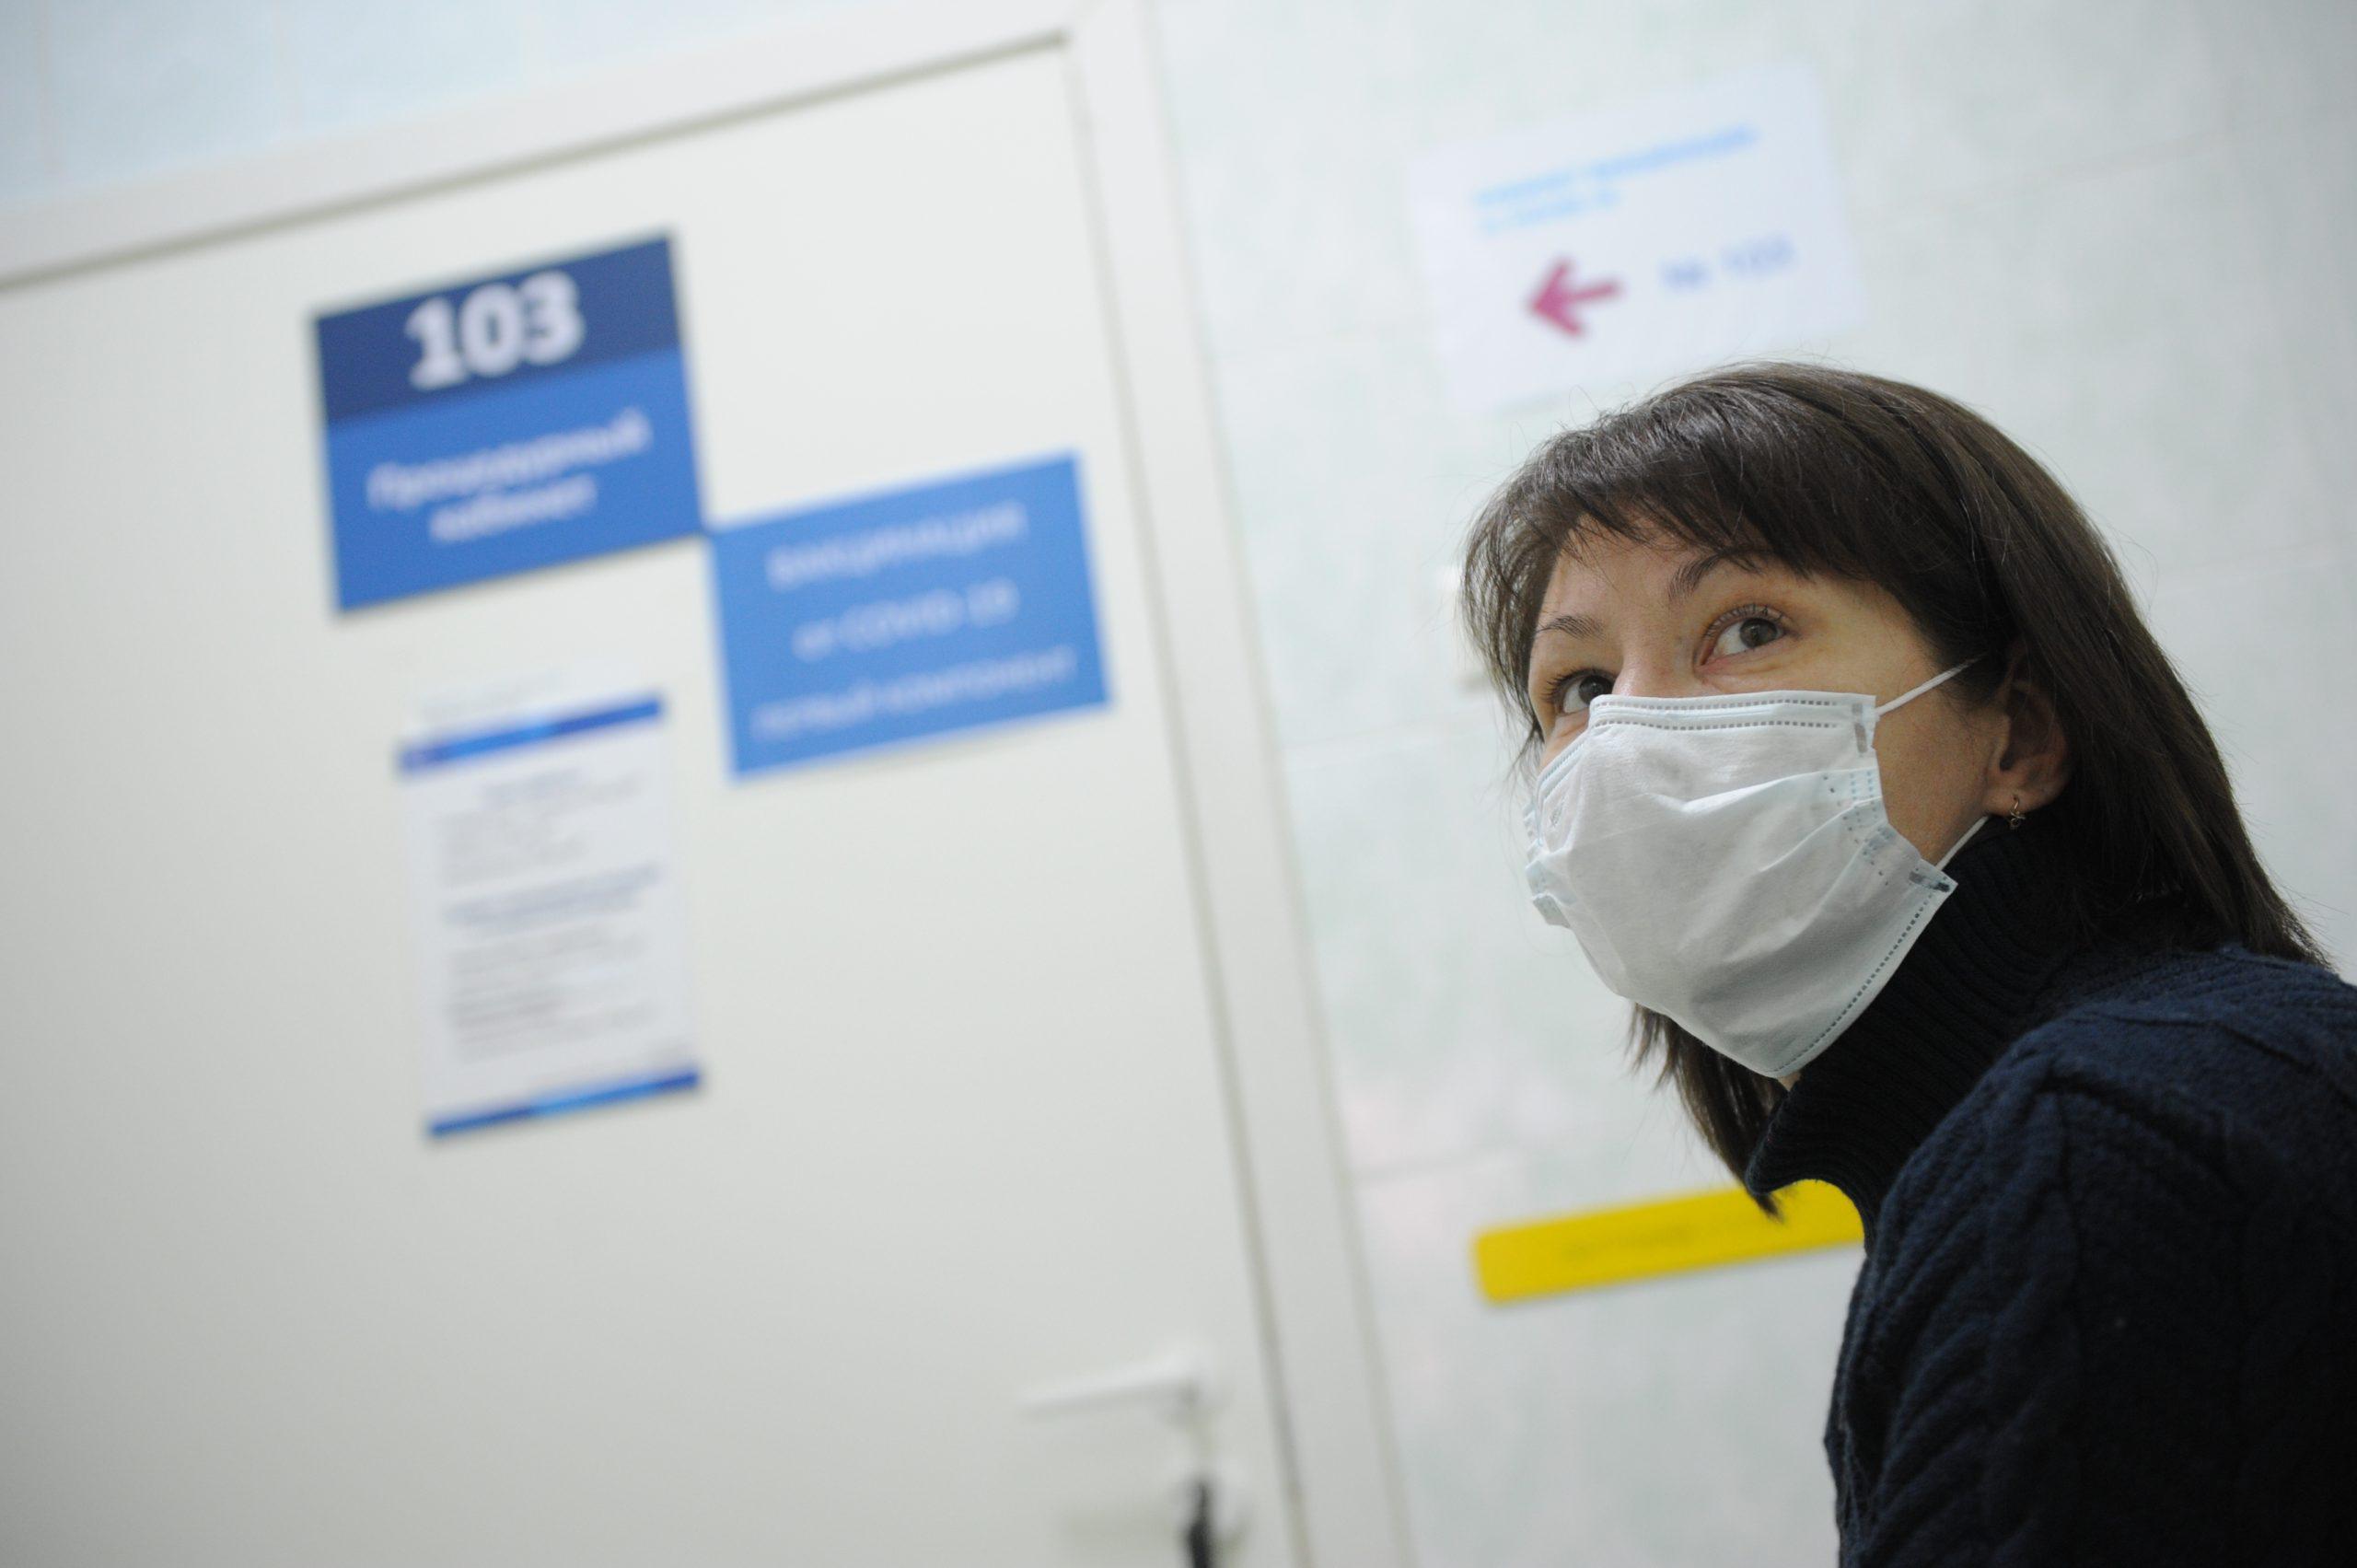 За сутки носителями коронавируса стали еще 1,3 тысячи москвичей